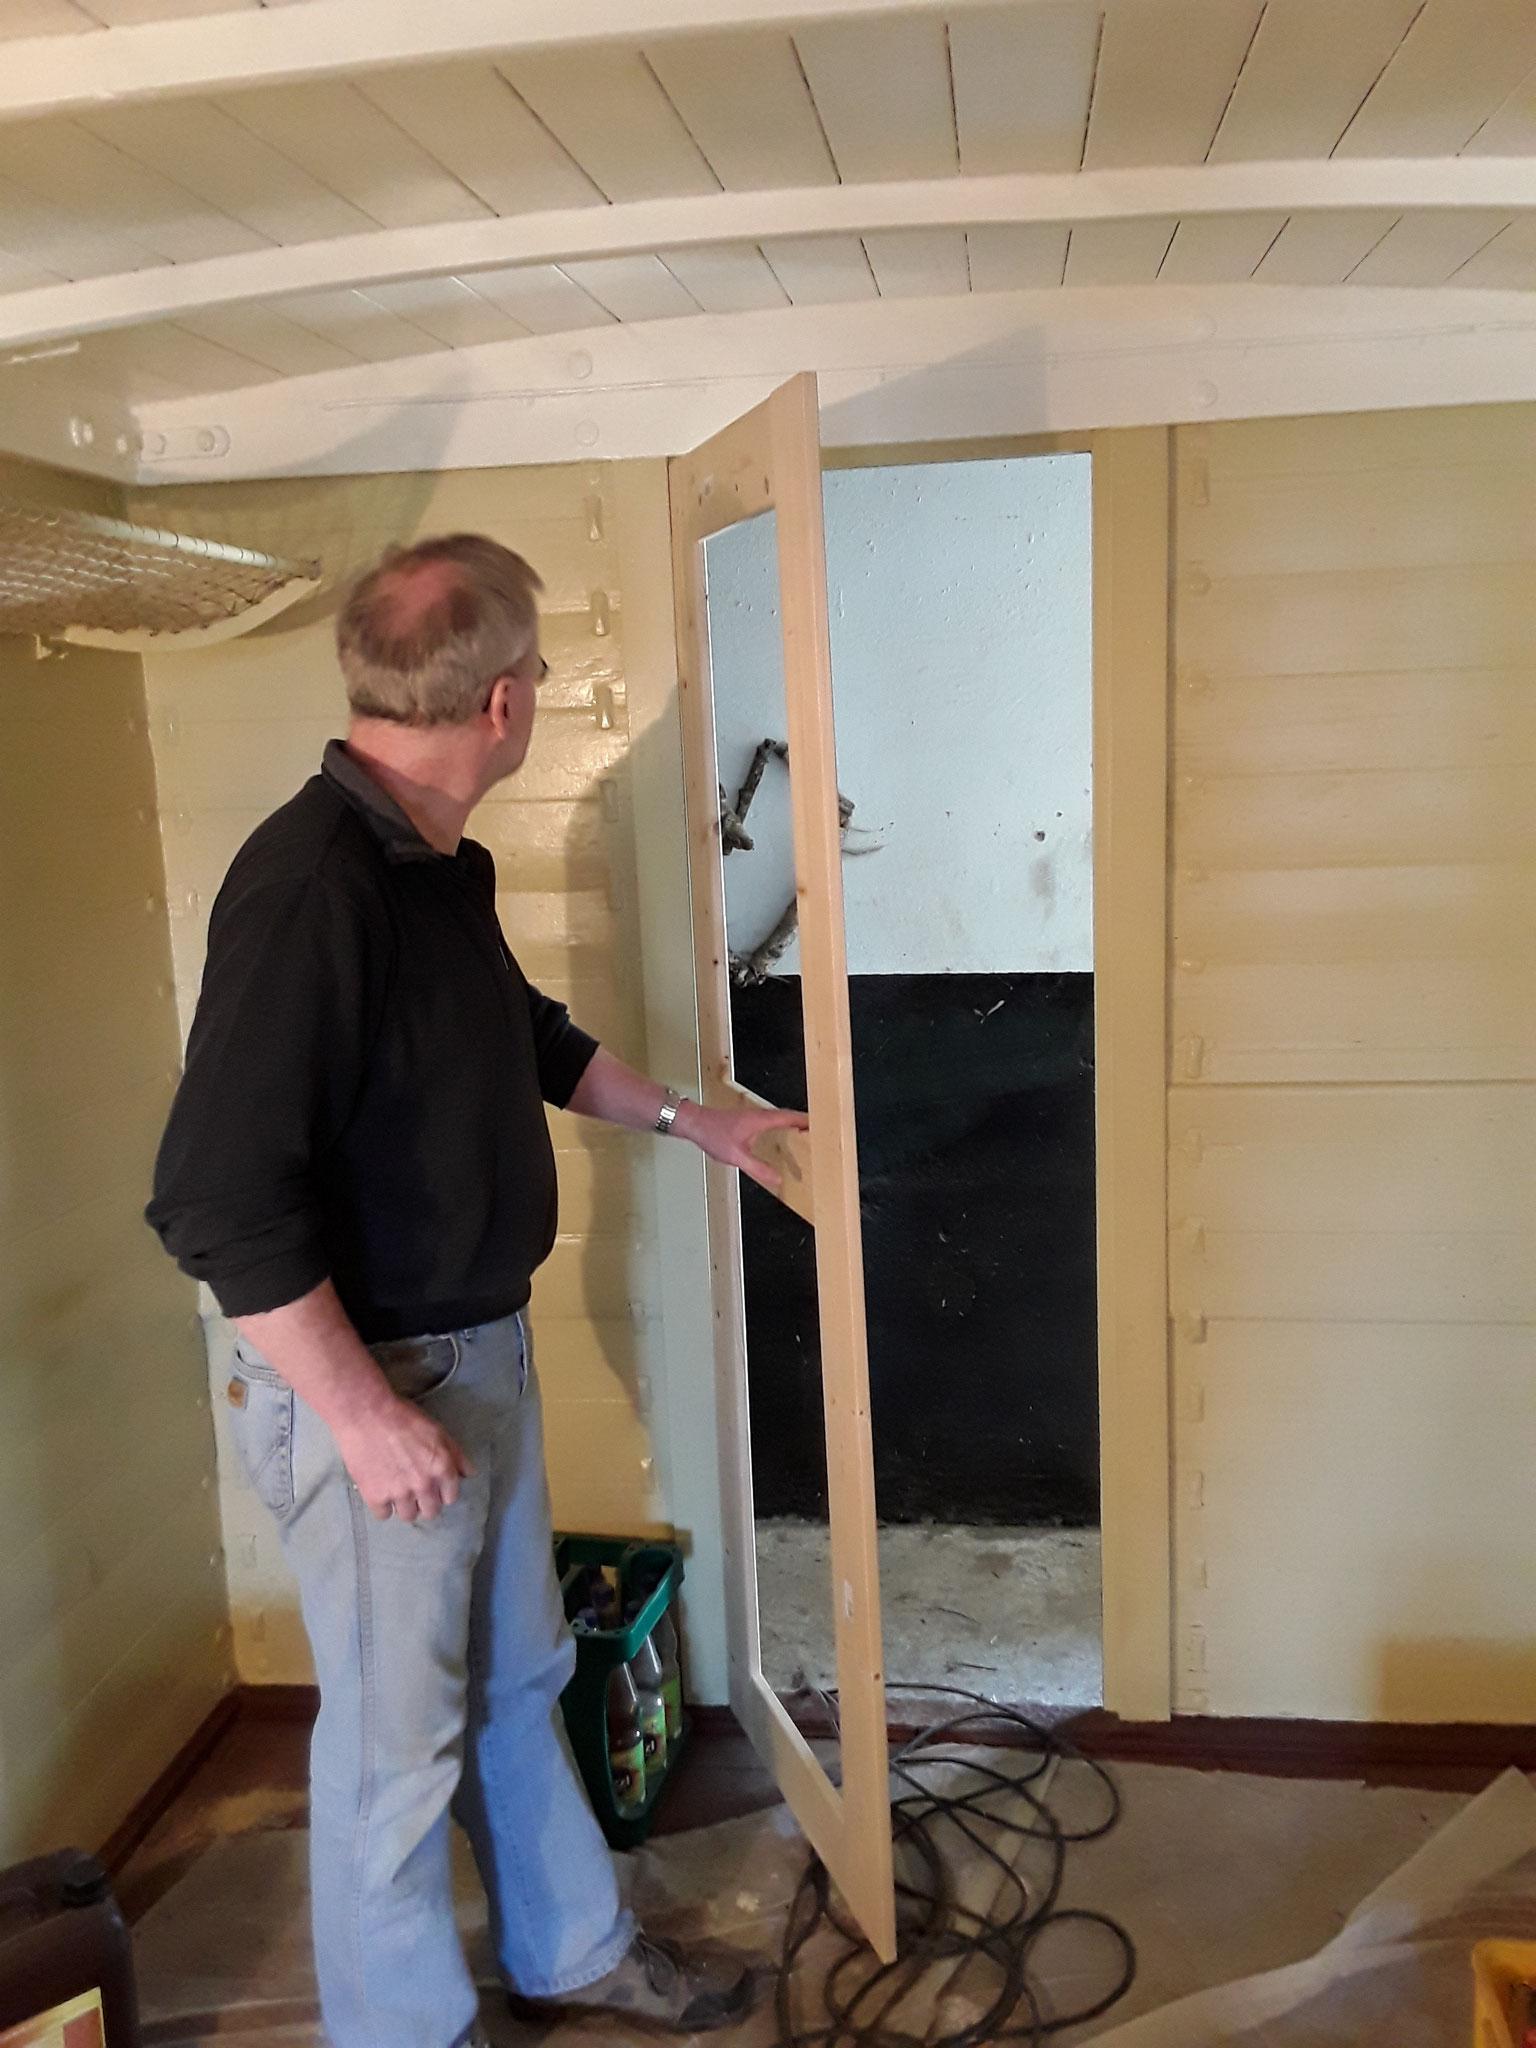 Ja un an haben wir noch eine Tür gebaut